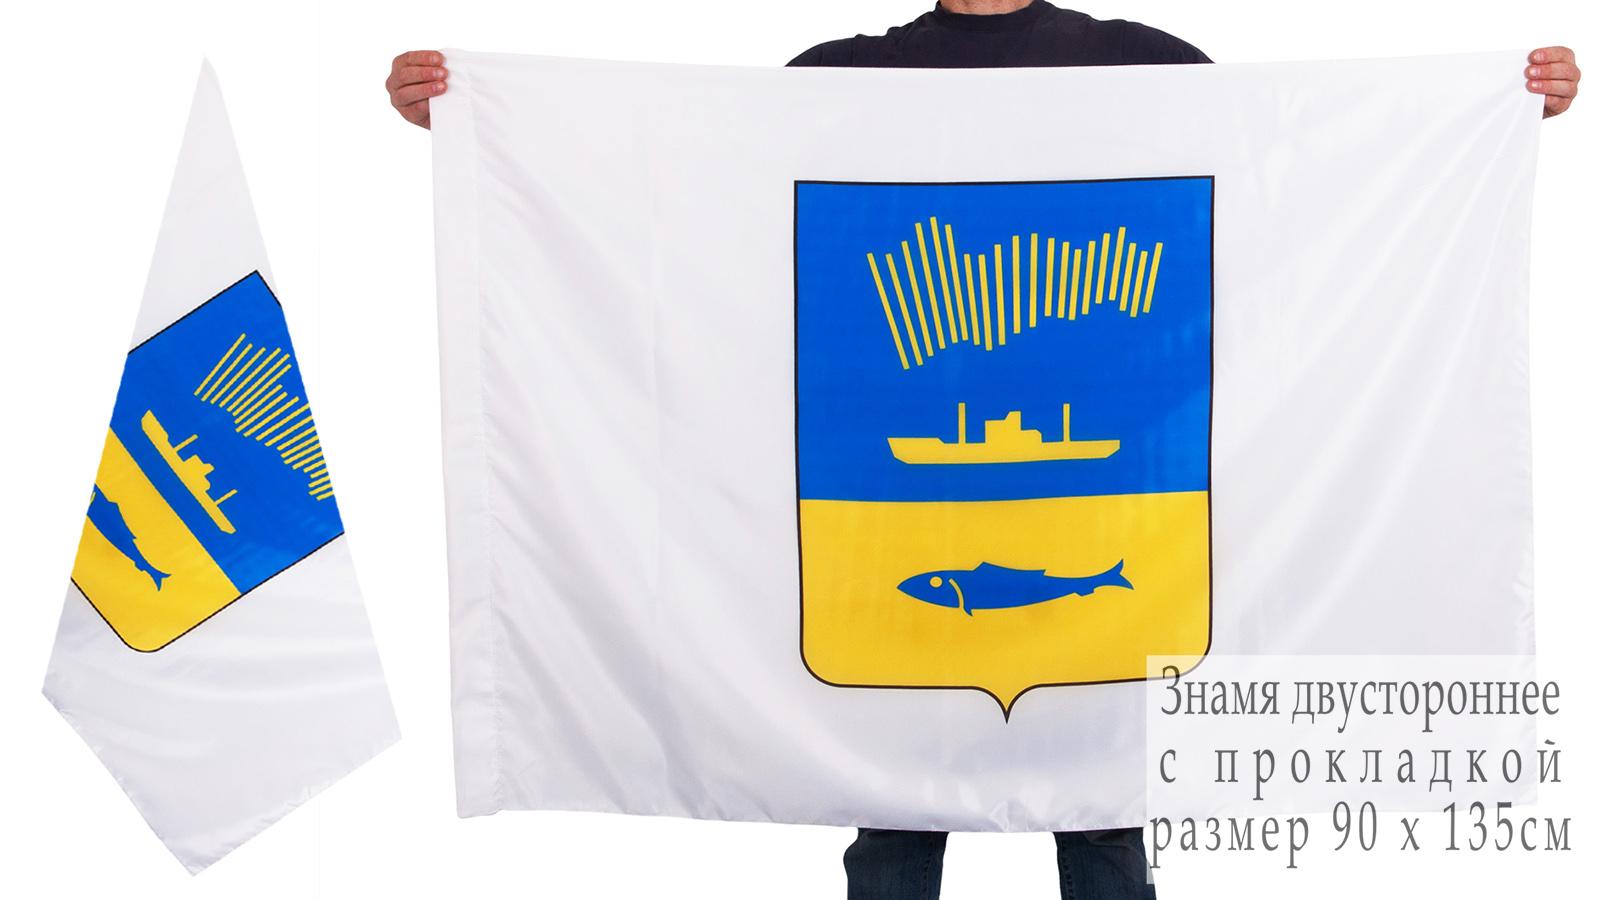 Двухсторонний флаг с гербом Мурманска